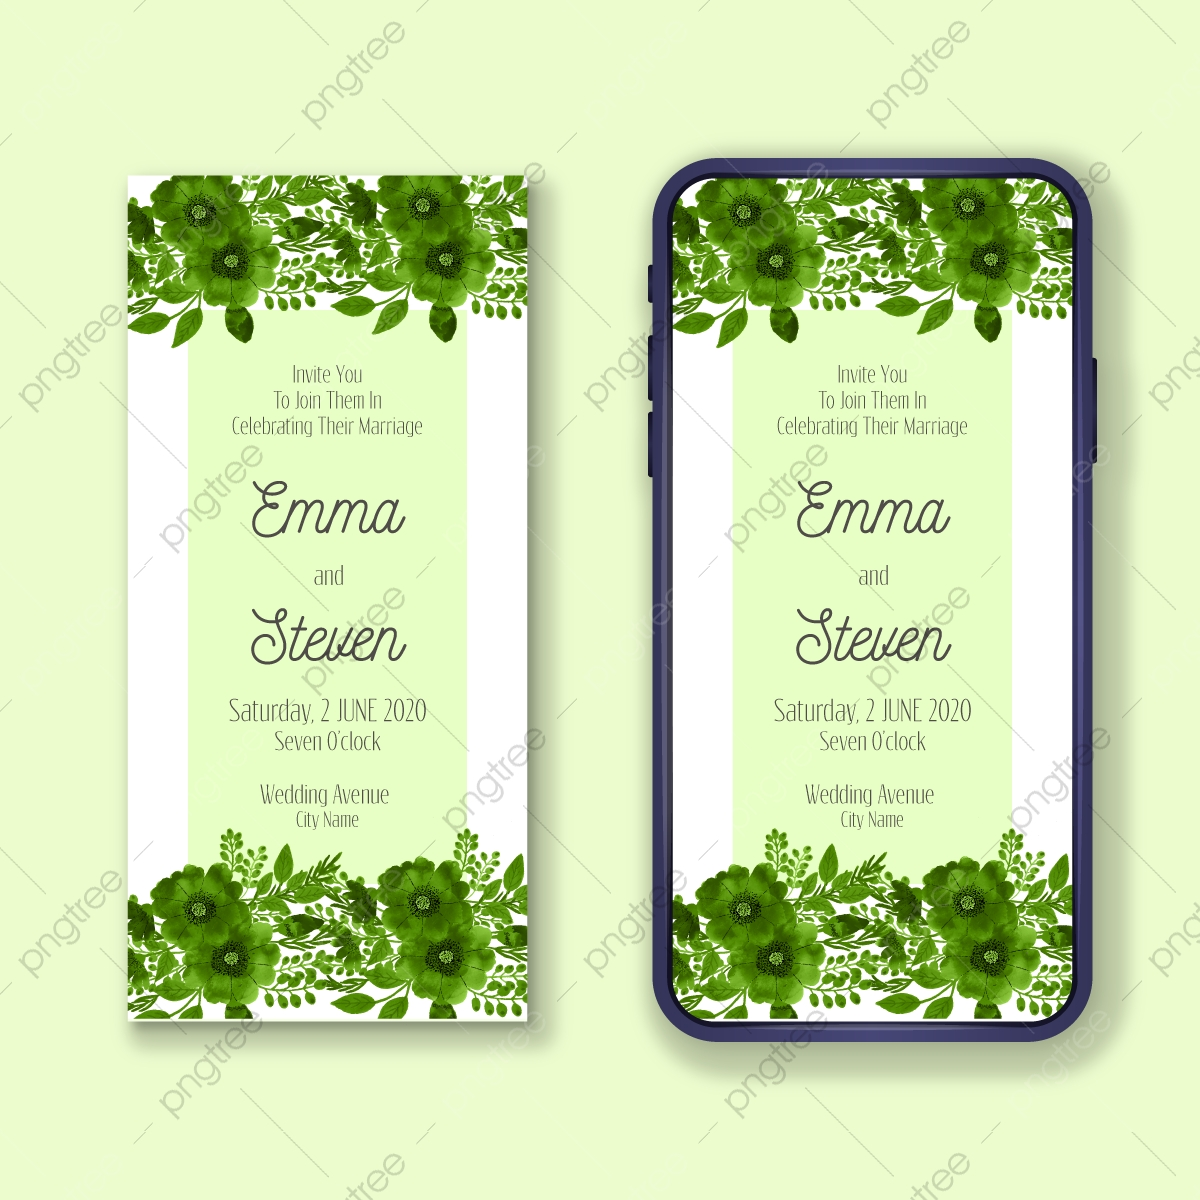 Gambar Reka Bentuk Promosi Mudah Alih Kad Jemputan Perkahwinan Romantis Elektronik Mewah Yang Indah Templat Untuk Muat Turun Percuma Di Pngtree